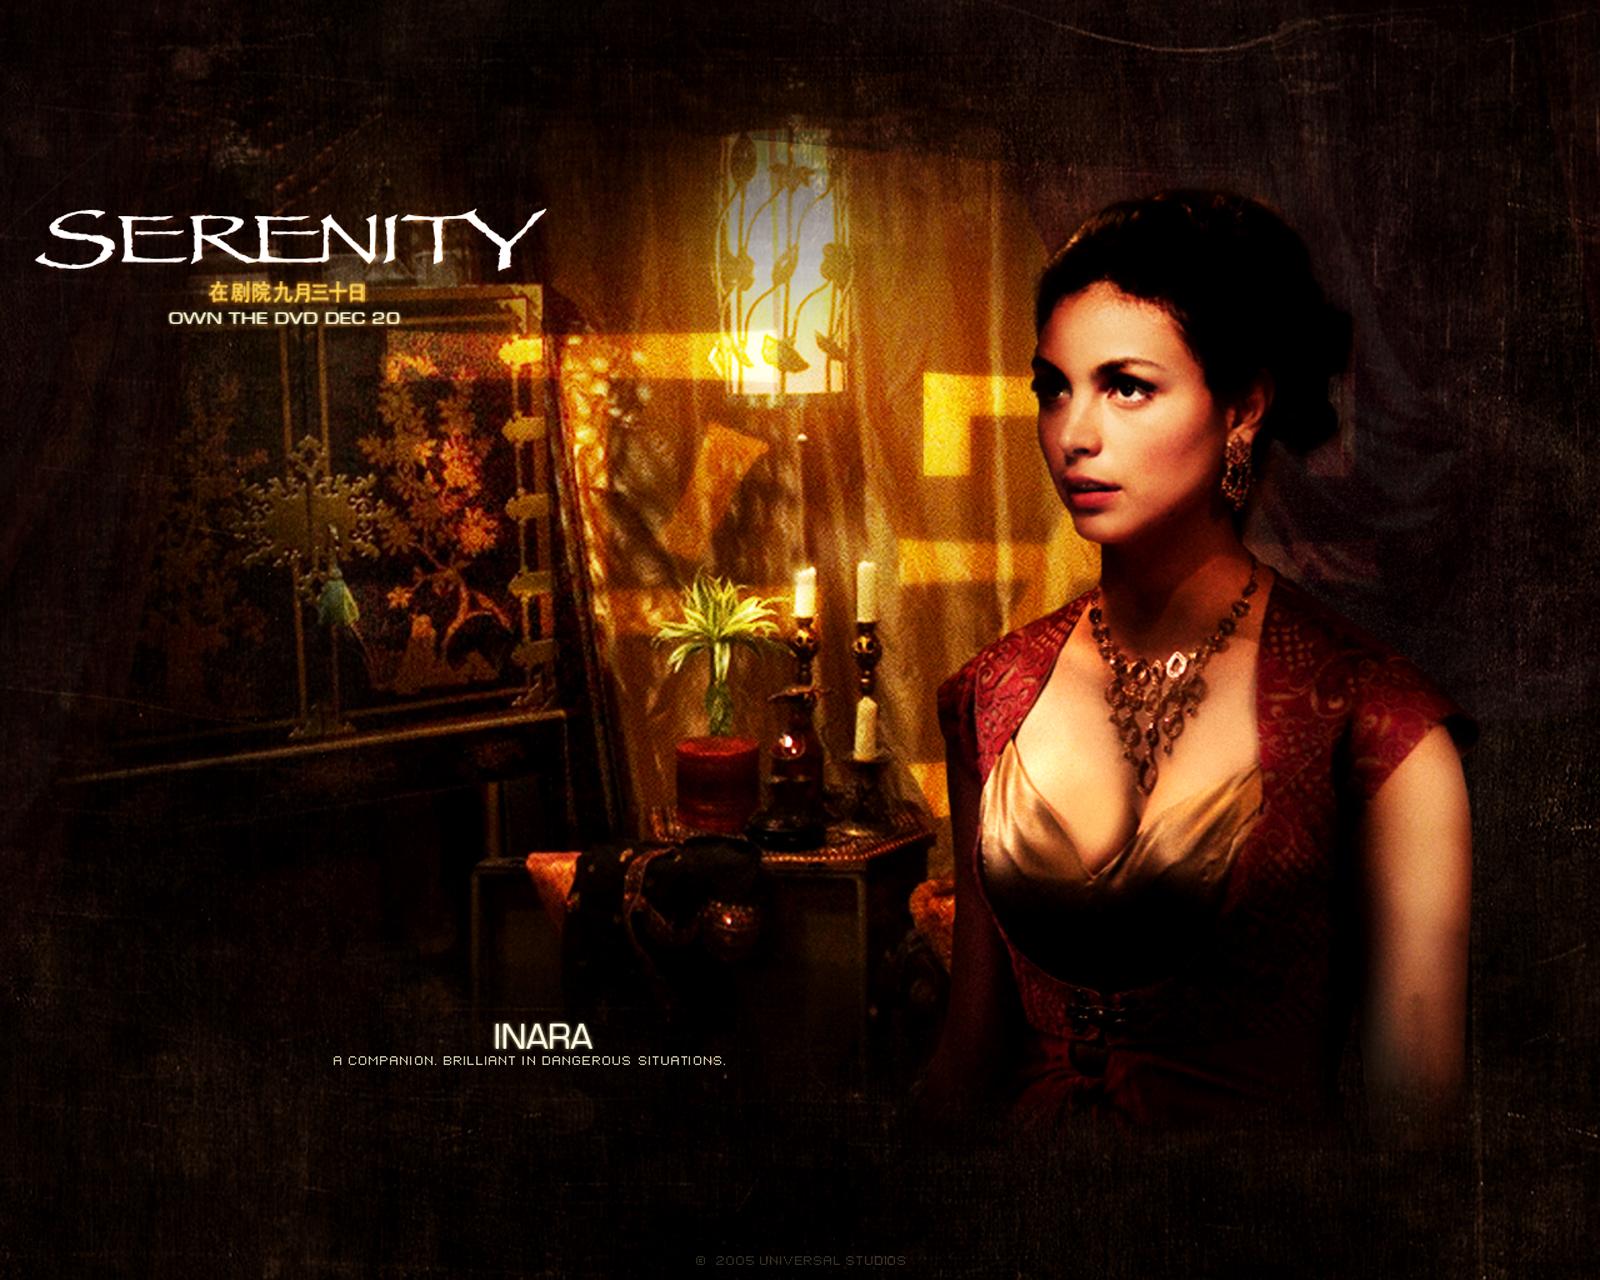 http://2.bp.blogspot.com/-sQtQBek-Yfw/TyCHKWpnywI/AAAAAAAAAYM/GZ2krR-v10Q/s1600/Morena_Baccarin_Serenity_Movie_Poster_HD_Wallpaper-Vvallpaper.Net.jpg